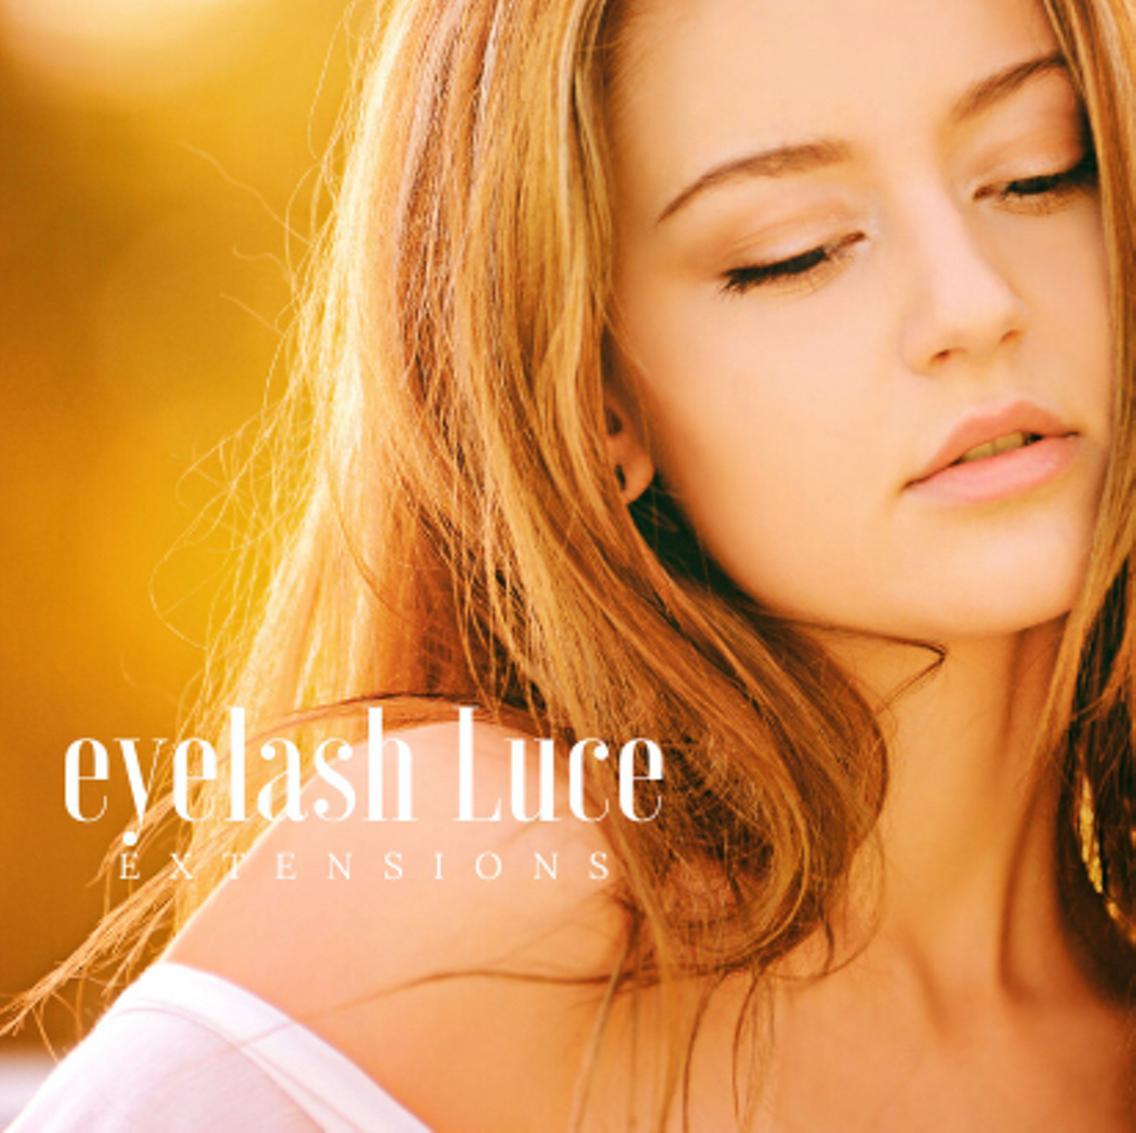 eyelash Luce所属・eyelashLuceの掲載